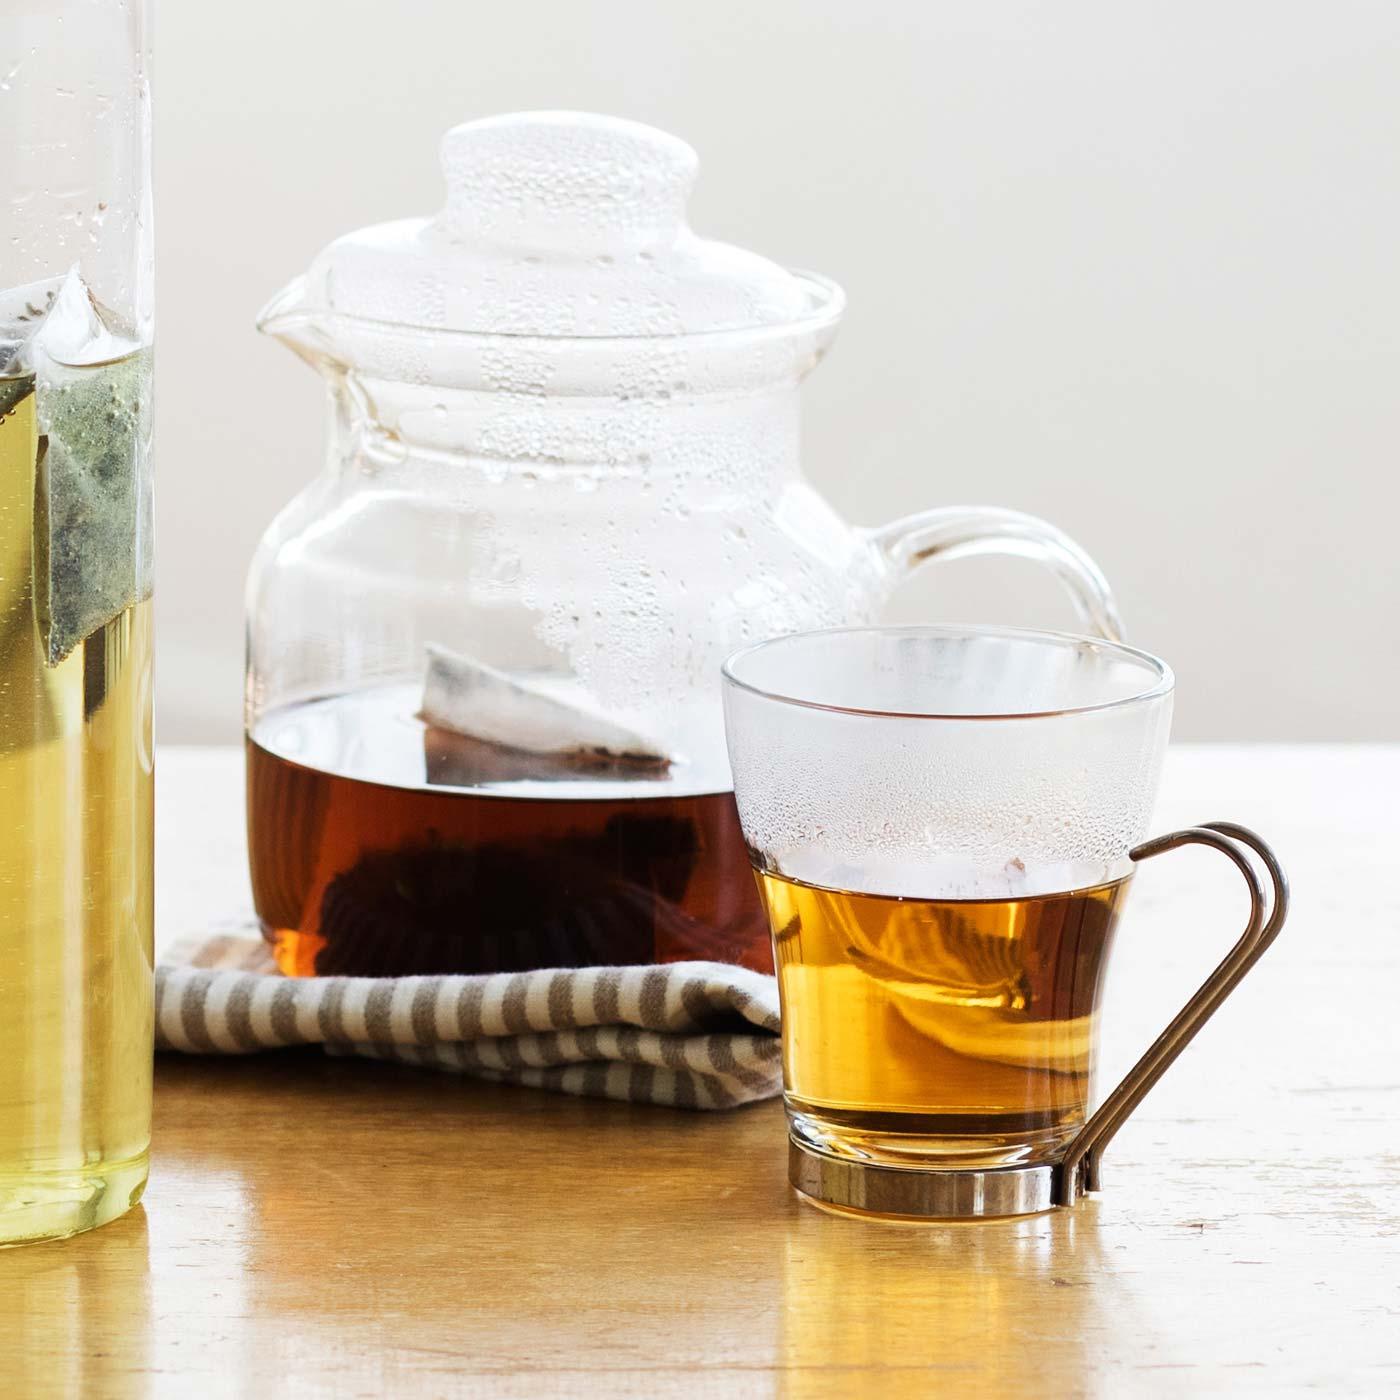 おいしい飲み方 お湯1リットルに1、2パック入れるだけ。水出しは水1リットルに2、3パック入れて4~5時間ほどで。夜のうちに入れておけば朝から楽しめて便利です。